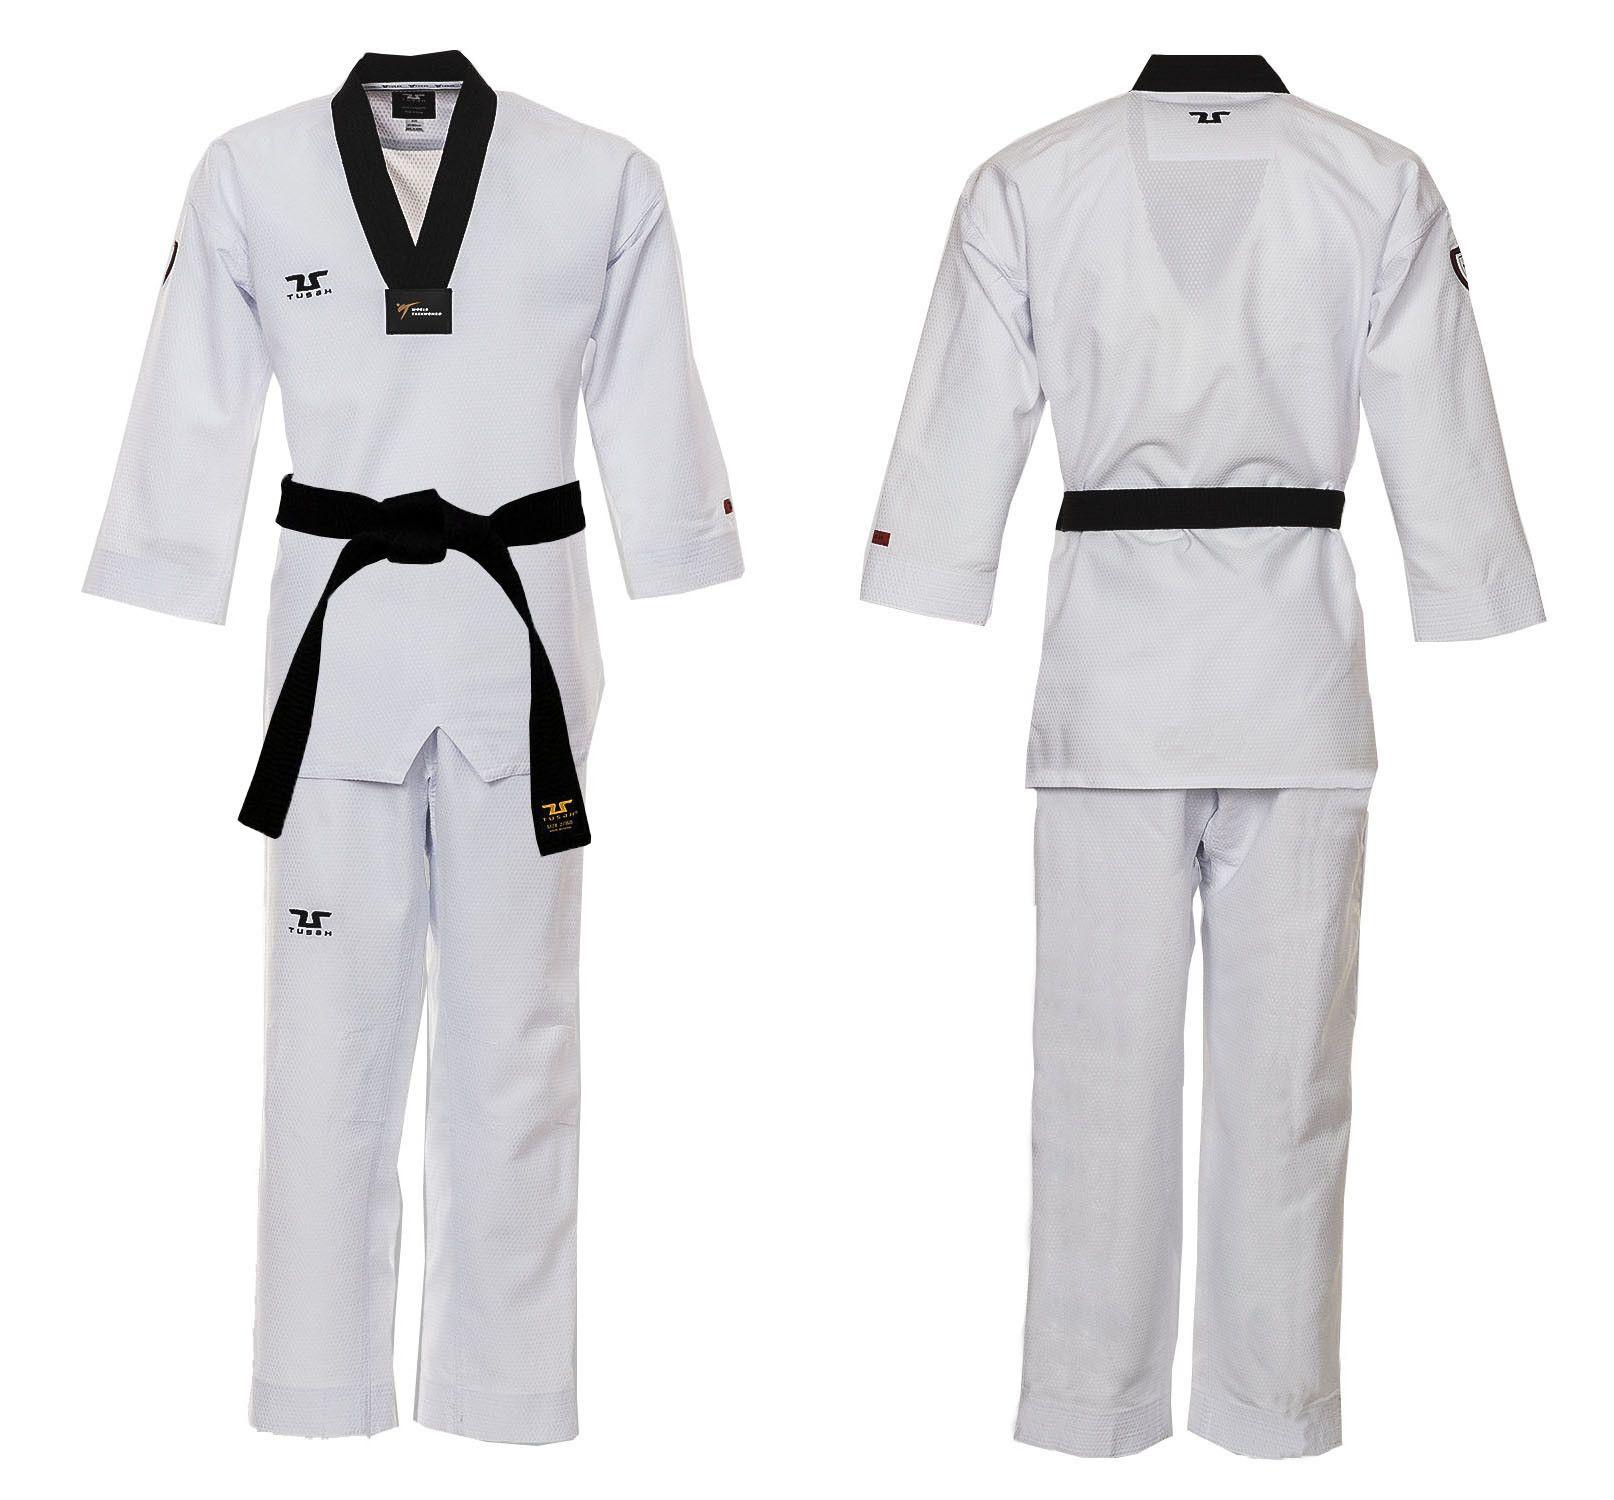 Dobok Ultraleggero per Taekwondo Tusah Premium Fighter collo Nero Omologato WT WTF MADE IN KOREA